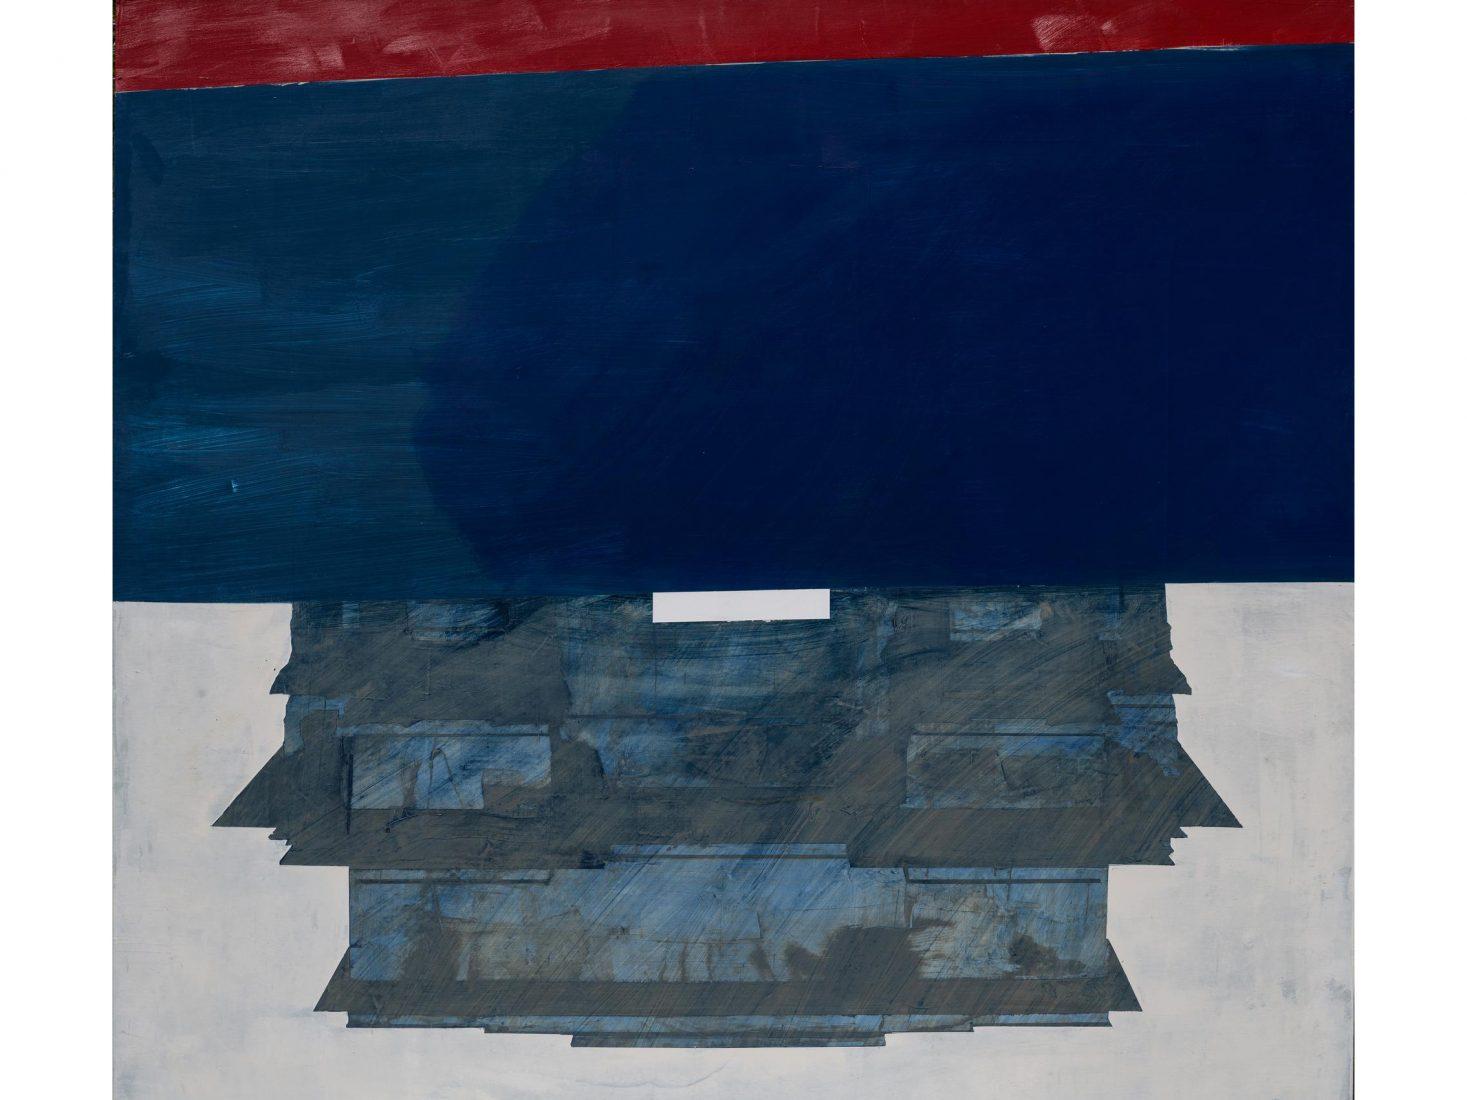 Иво Бистрички. Китай, 2020-21, акрил,платно, 180x180x3 см